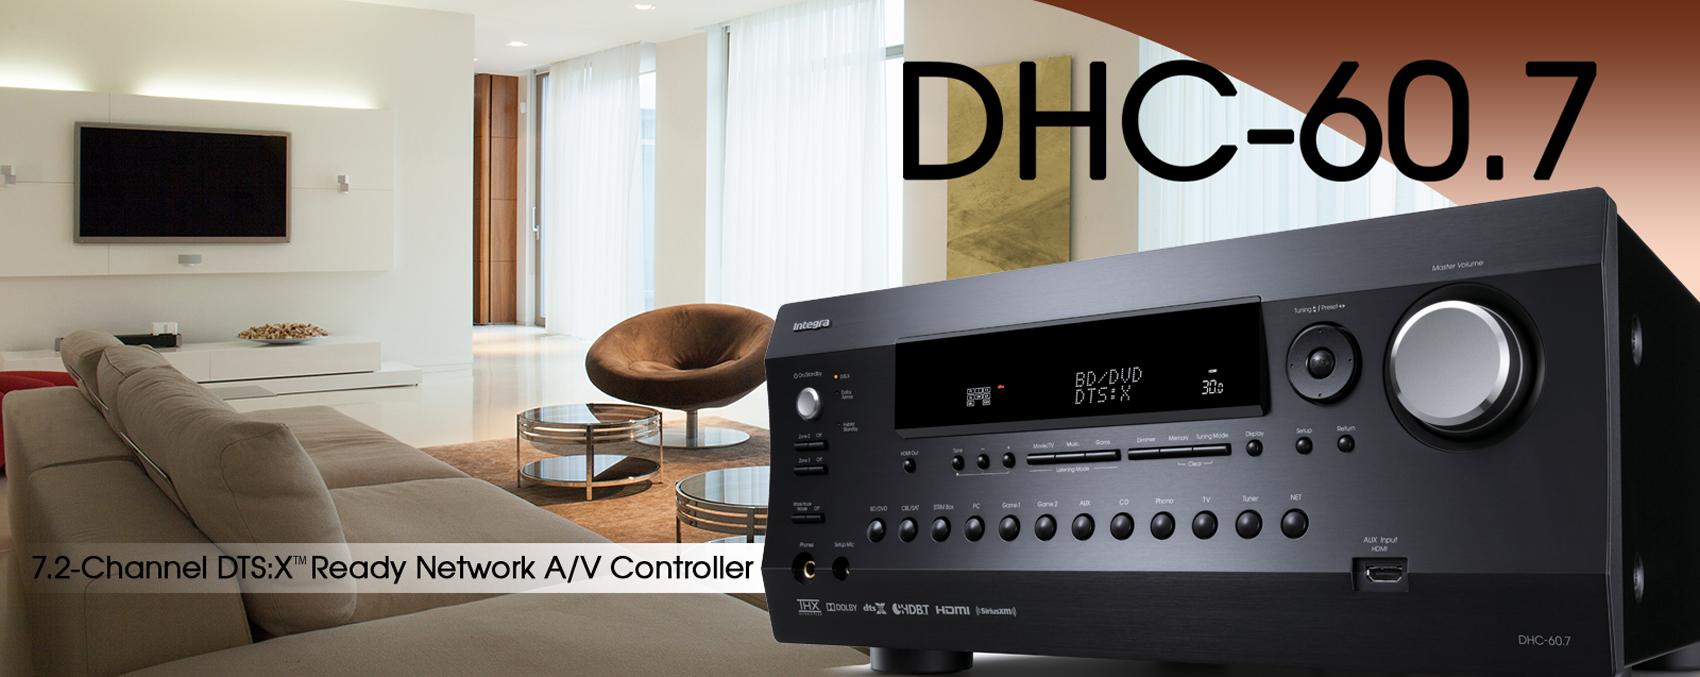 Processeur AV 7.2, Dolby Atmos, DTS:X, HDMI 2.0a, AccuEQ, Intégra DHC-60.7